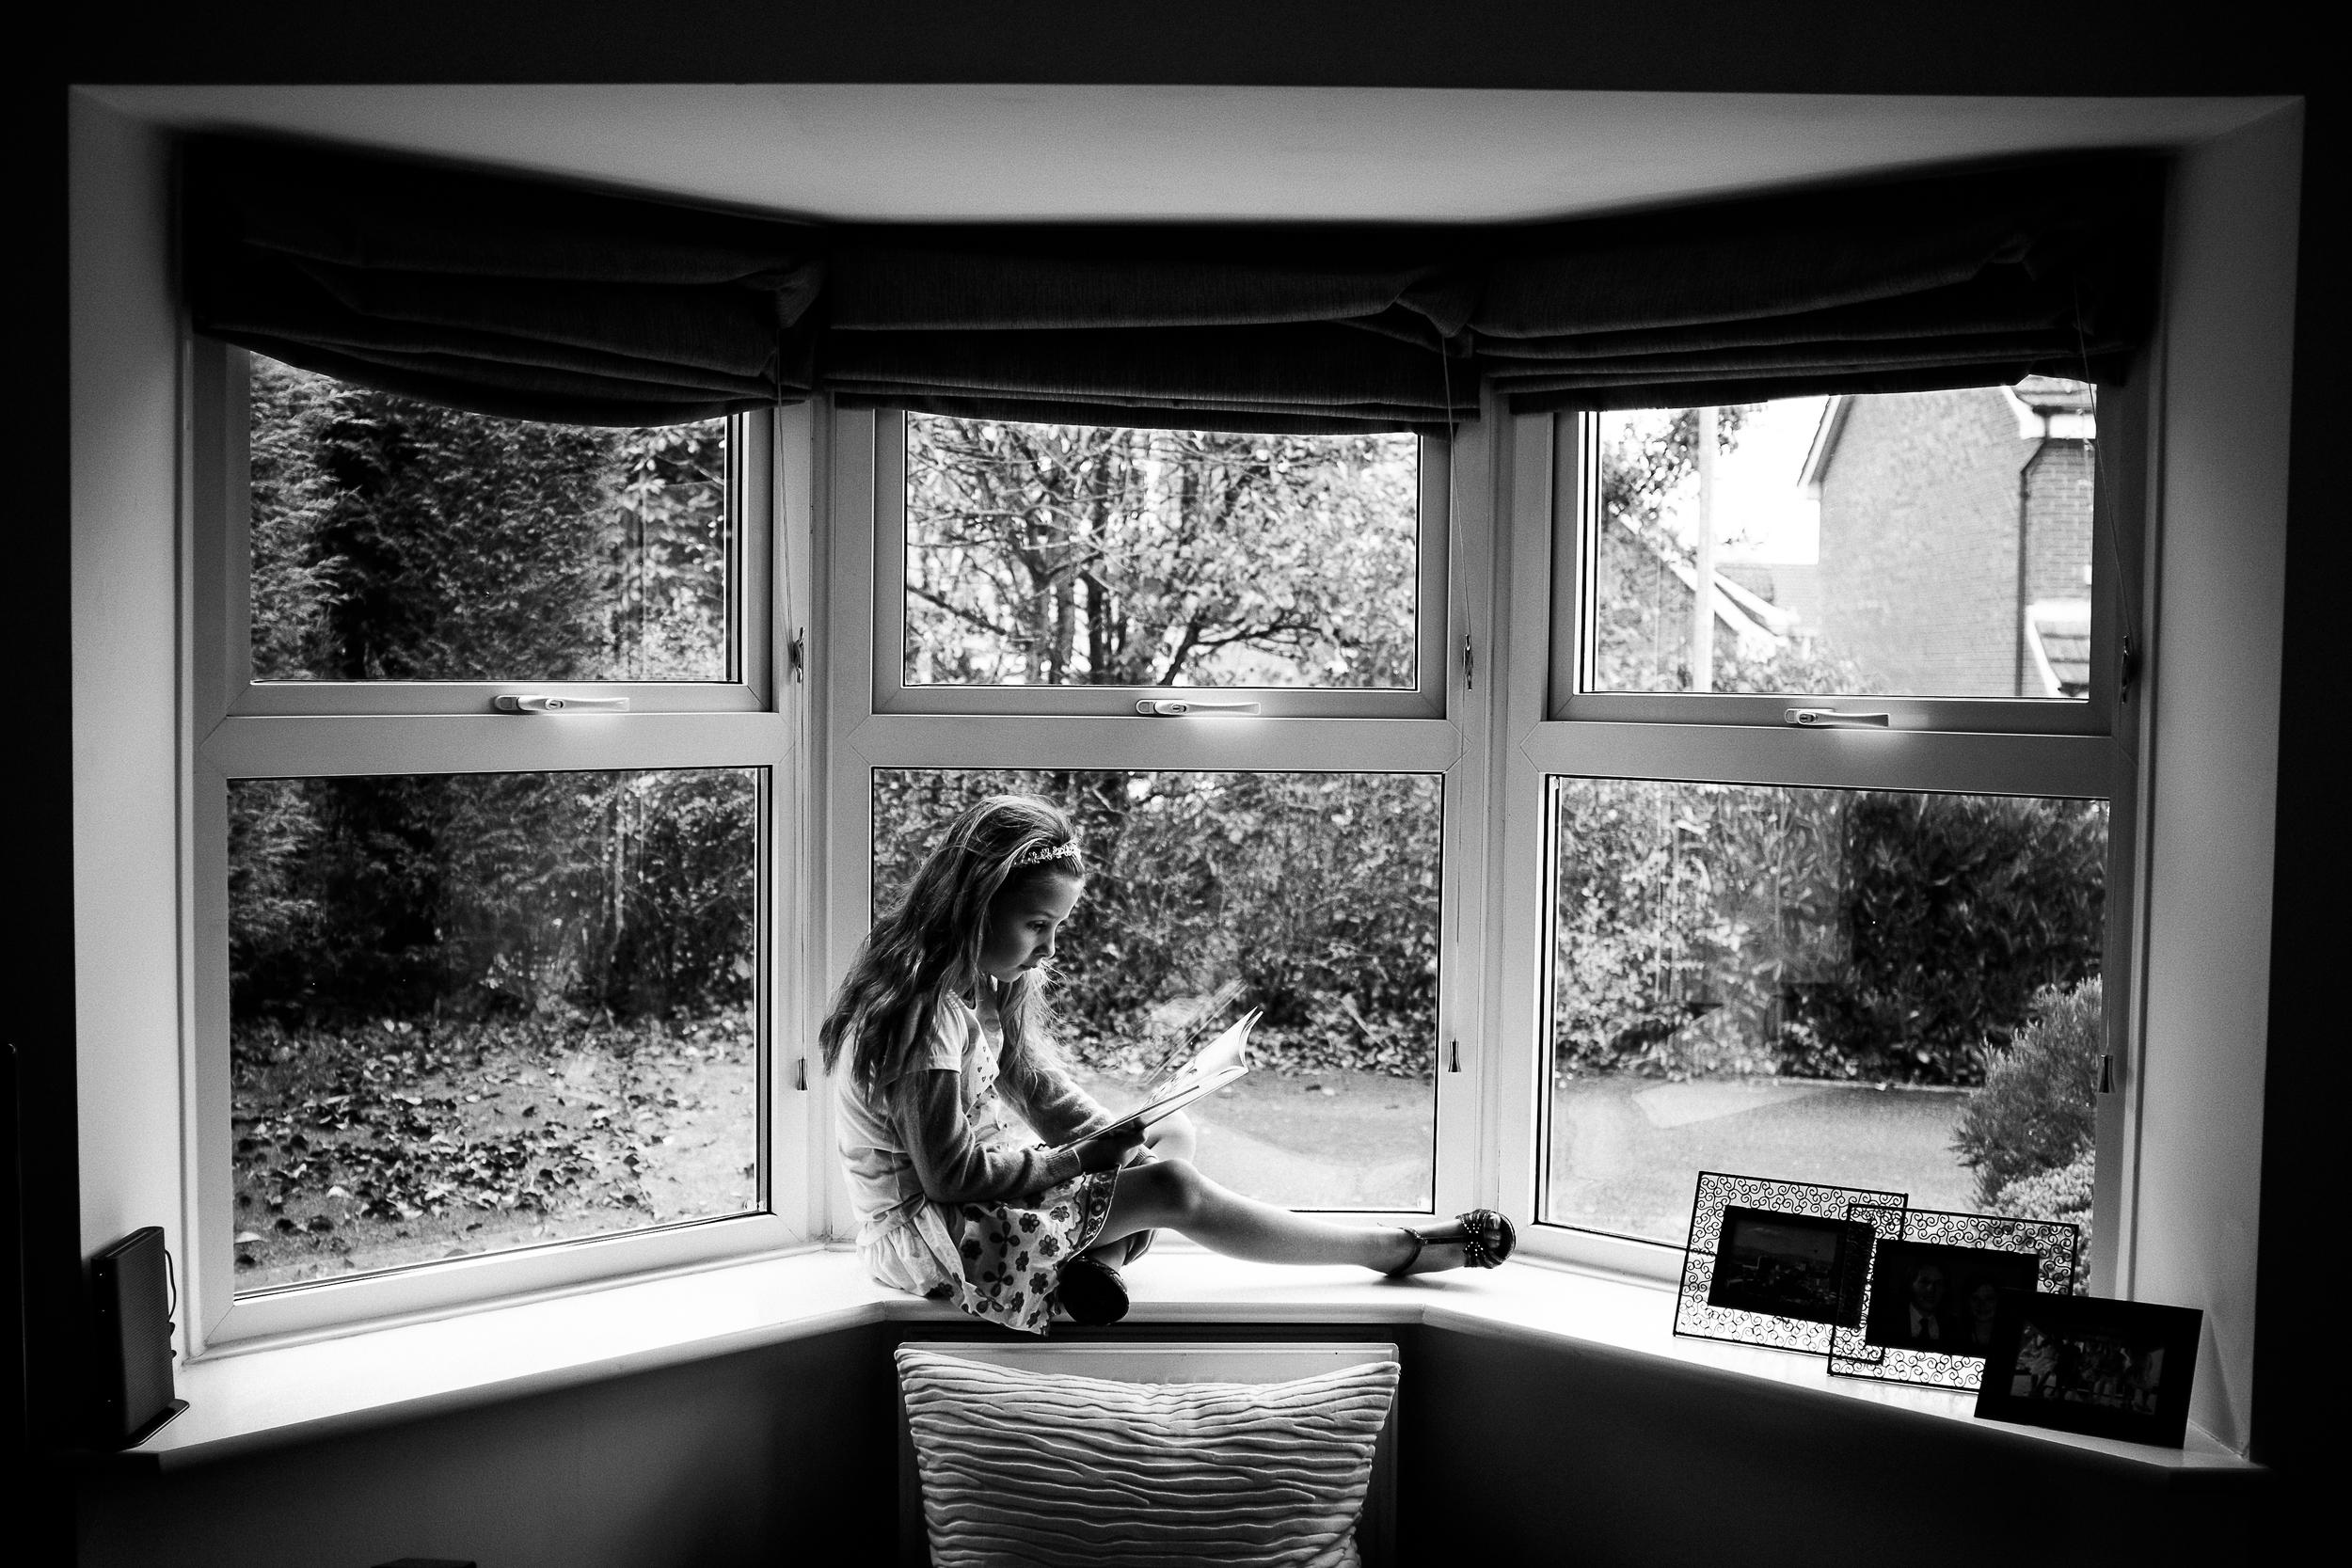 Window  - Home, Stoke-on-Trent - November 2014